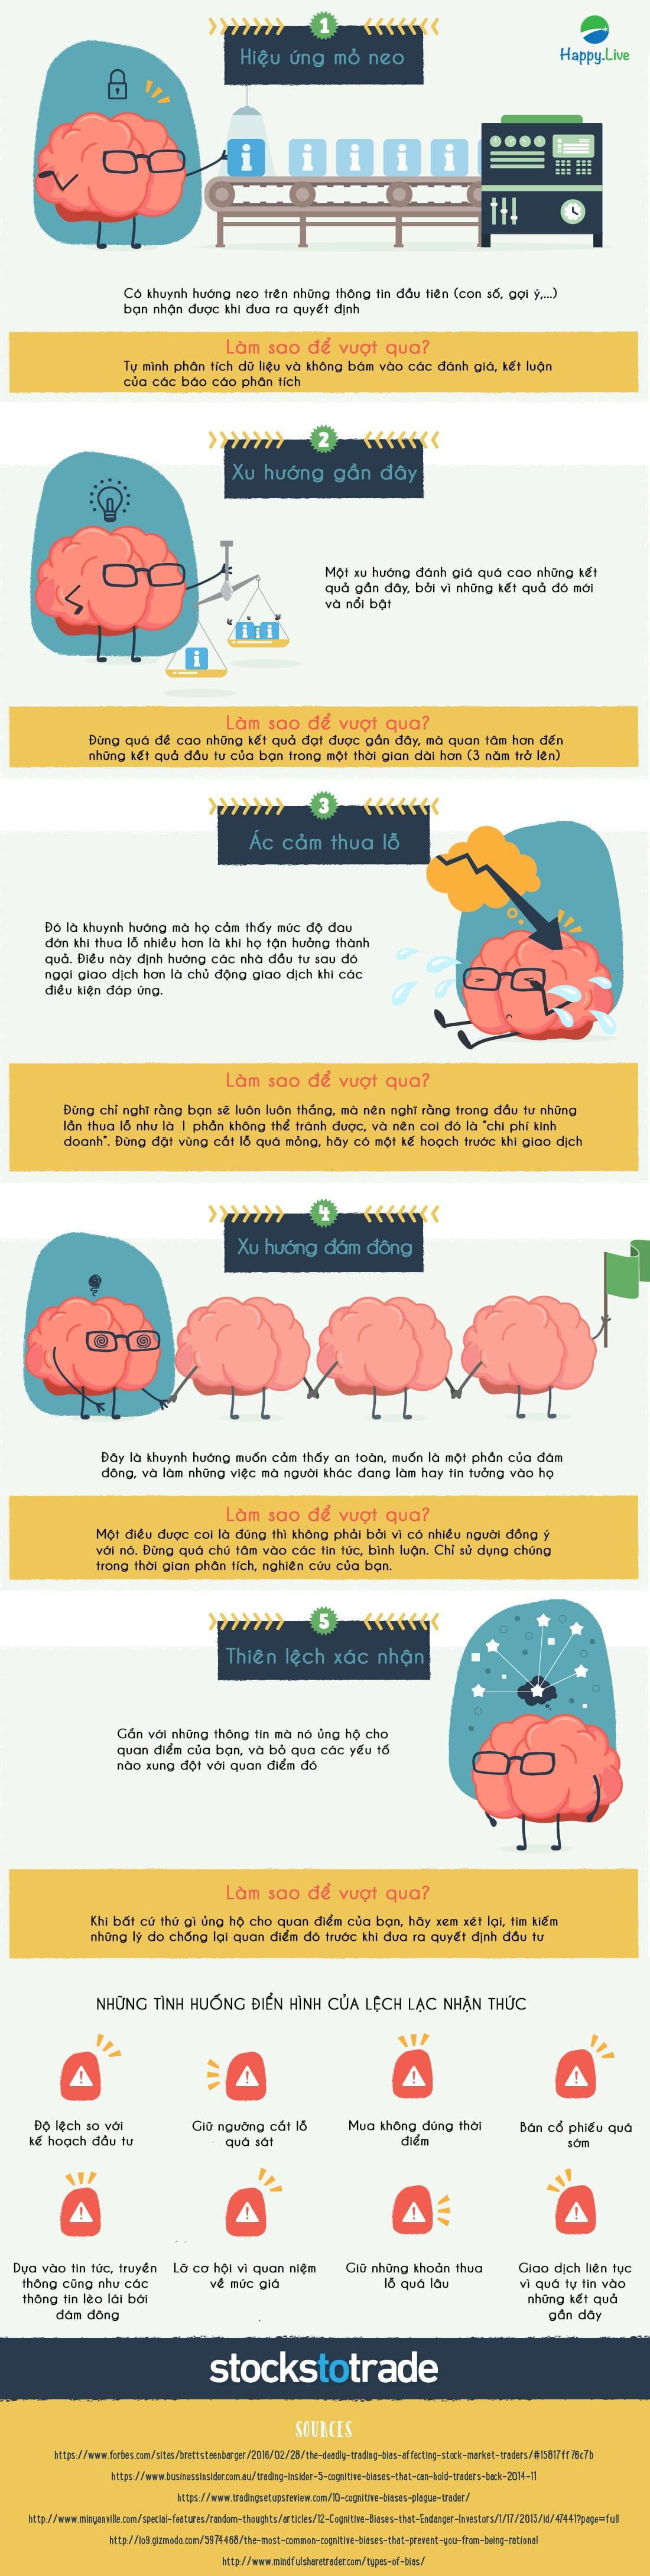 5 lỗi lệch lạc nhận thức của nhà đầu tư